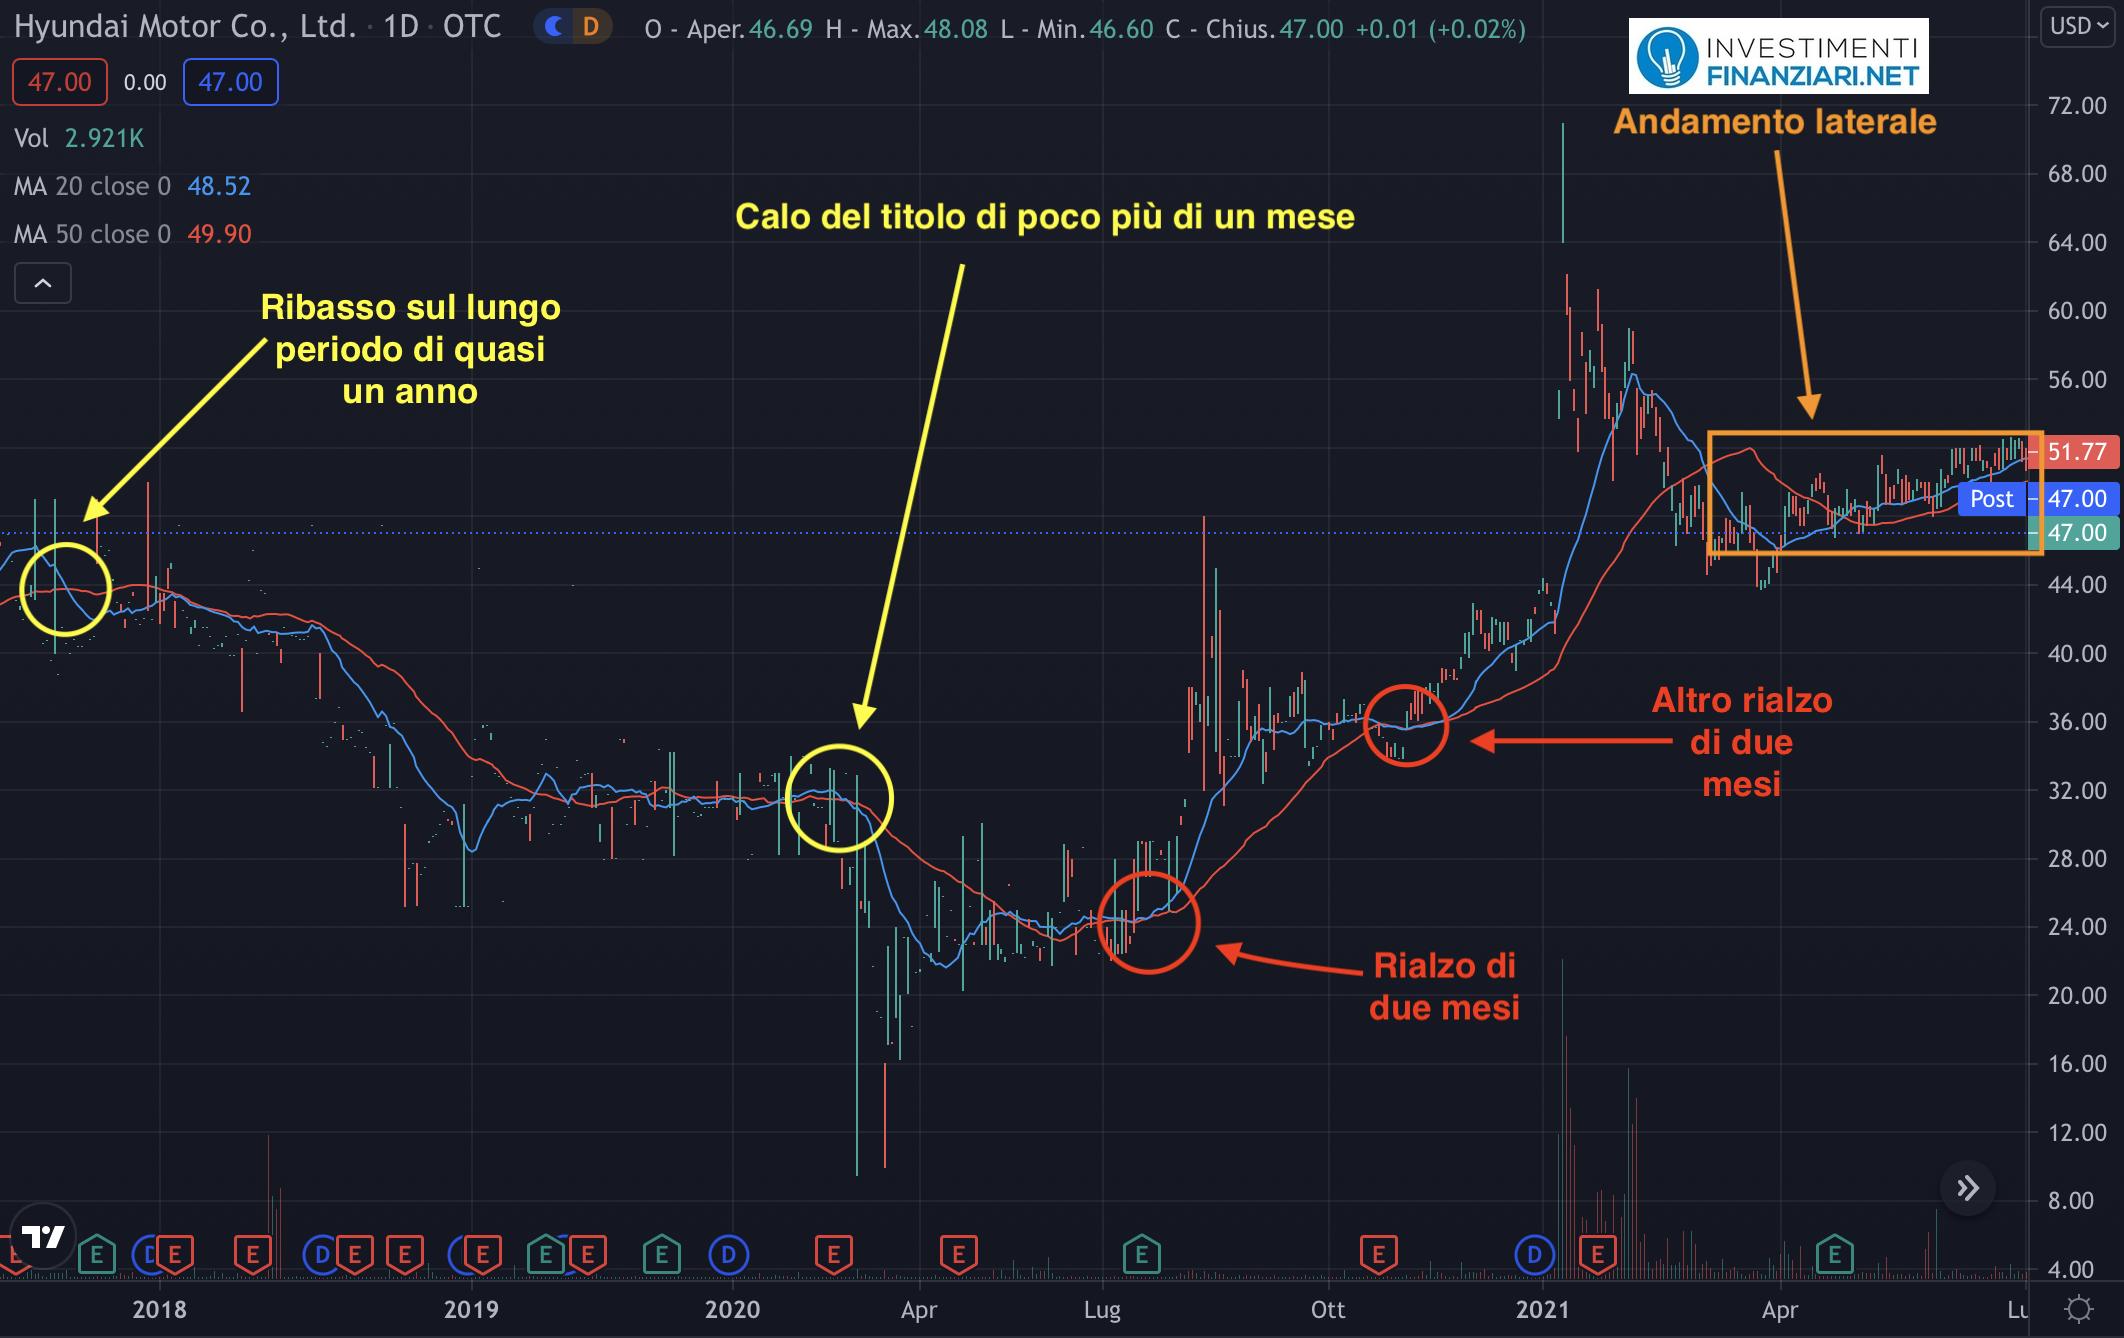 Analisi tecnica di lungo periodo su azioni Hyundai